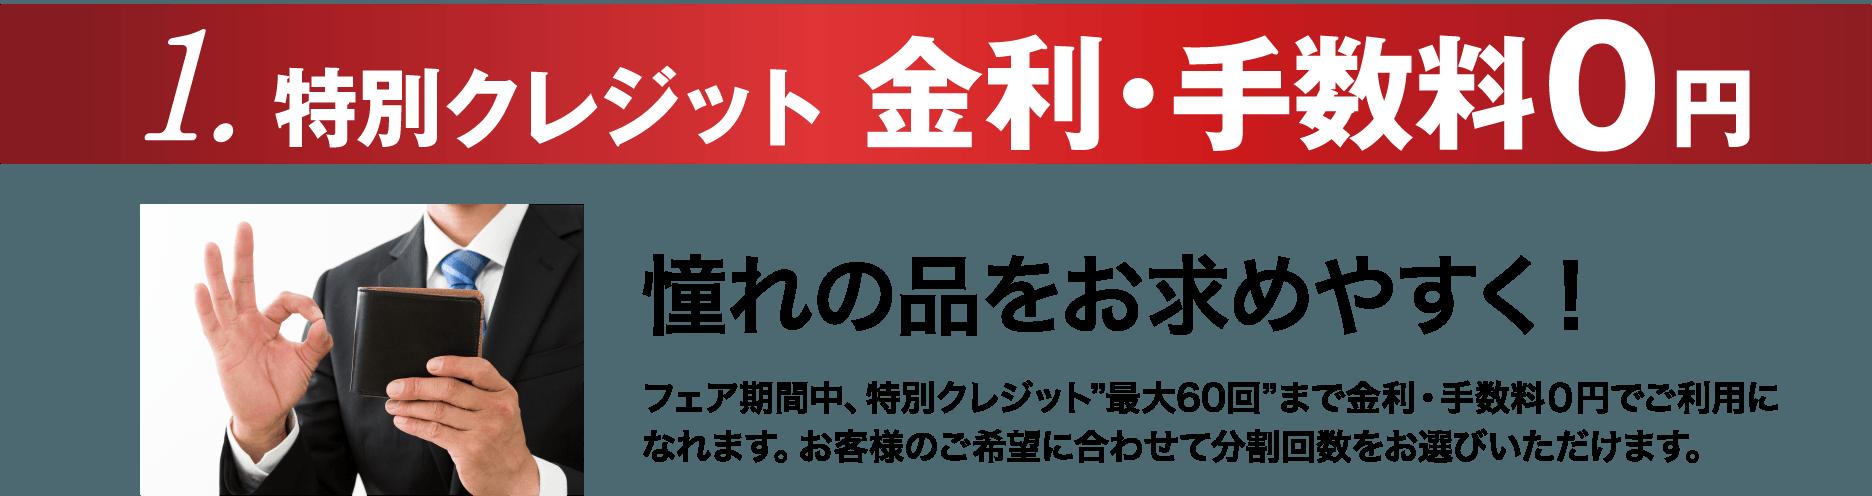 1. 特別クレジット 金利・手数料0円